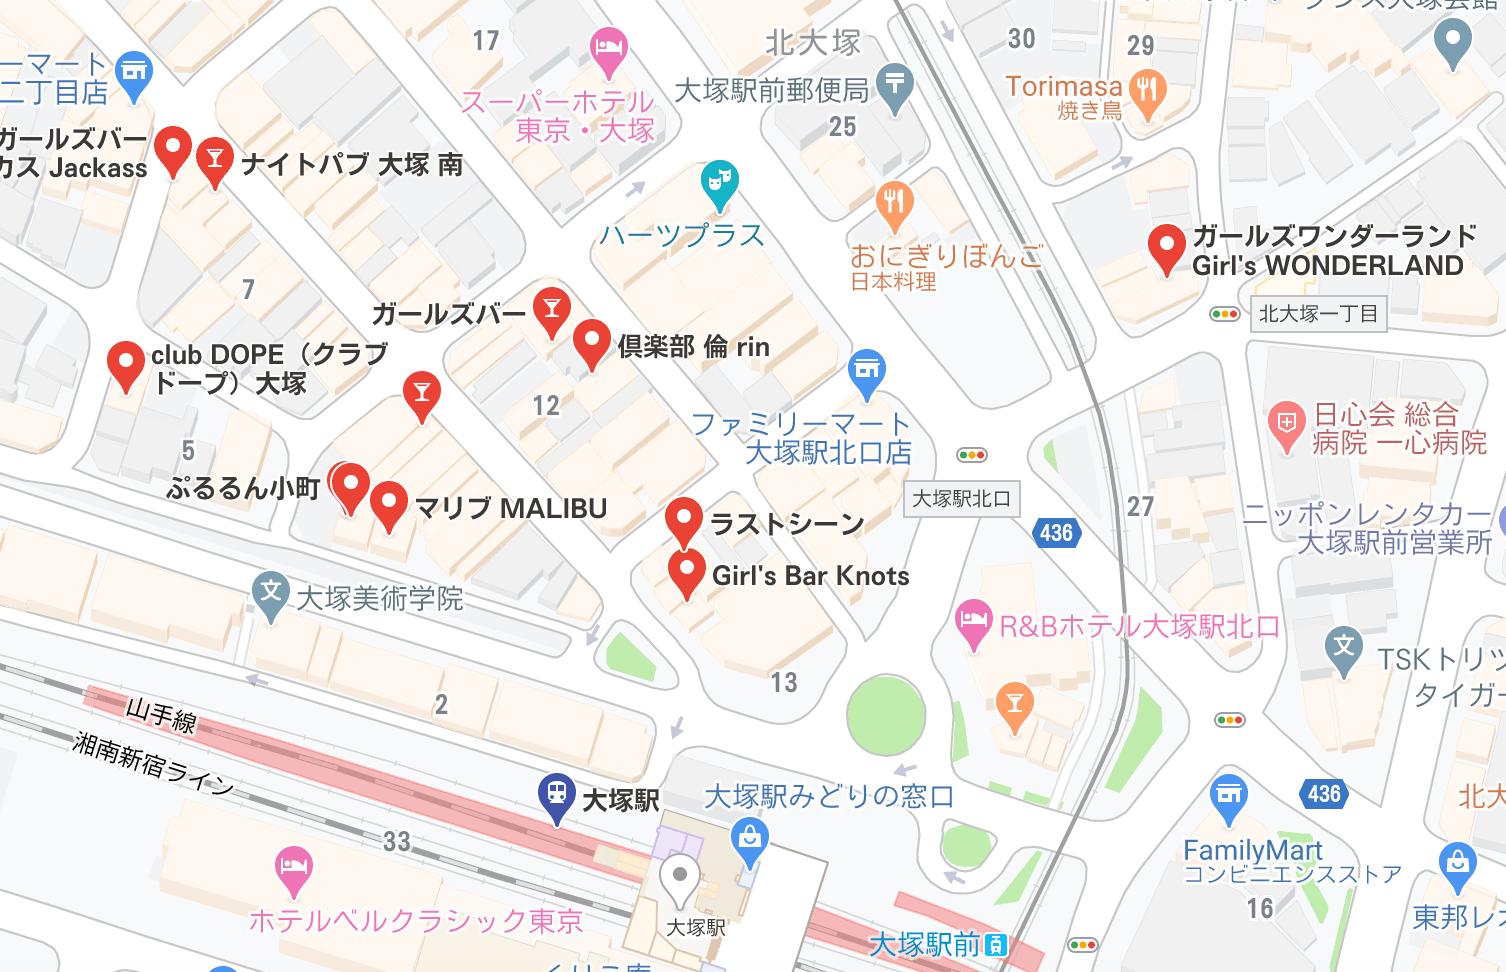 大塚 キャバクラ